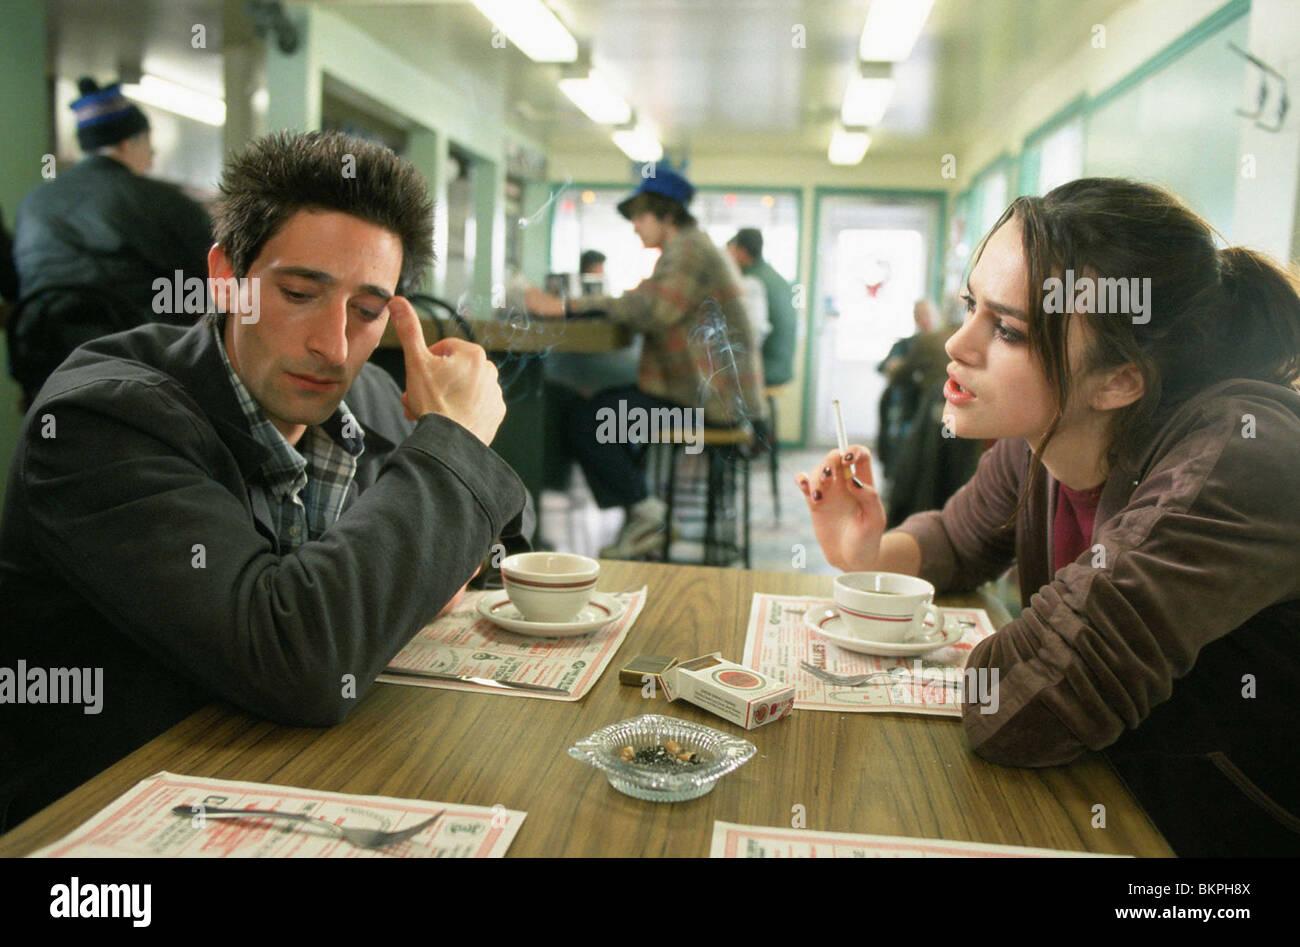 Kostenloses Dating in ipswich suffolk